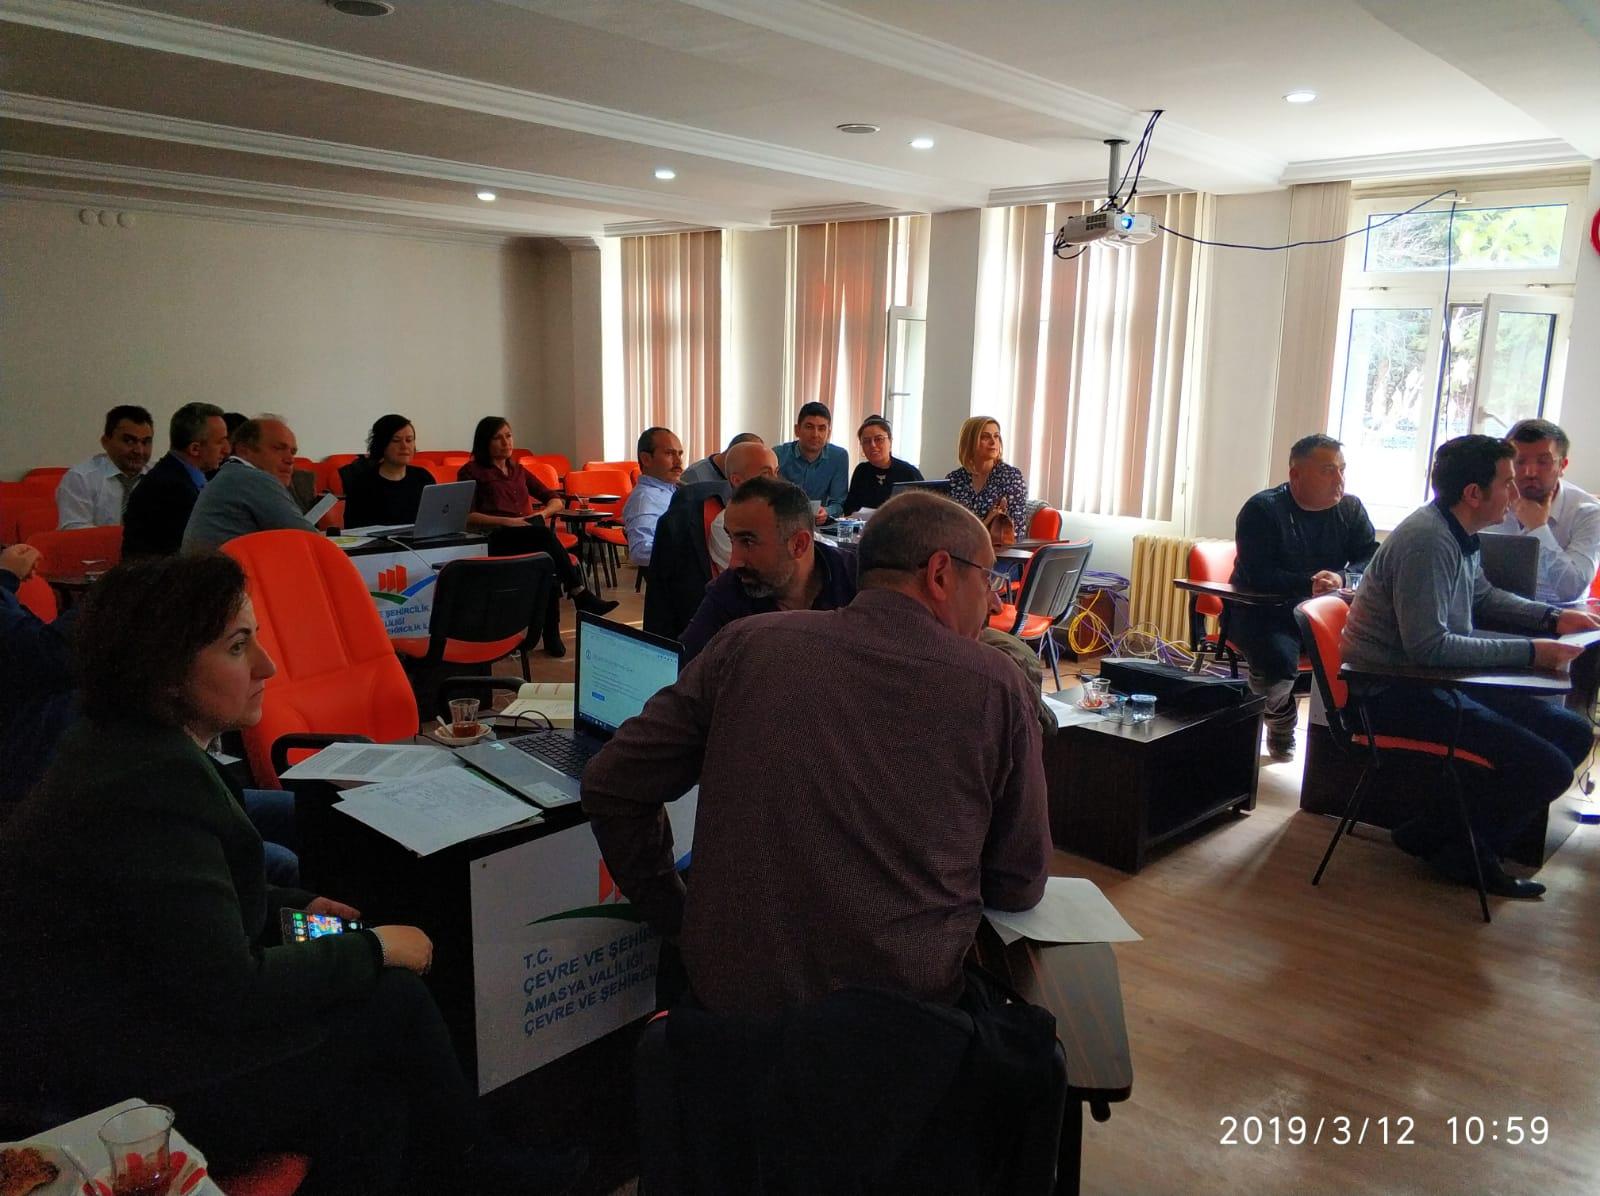 Çevre Denetimlerinin Planlanması Çalıştayı Gerçekleştirilmiştir.